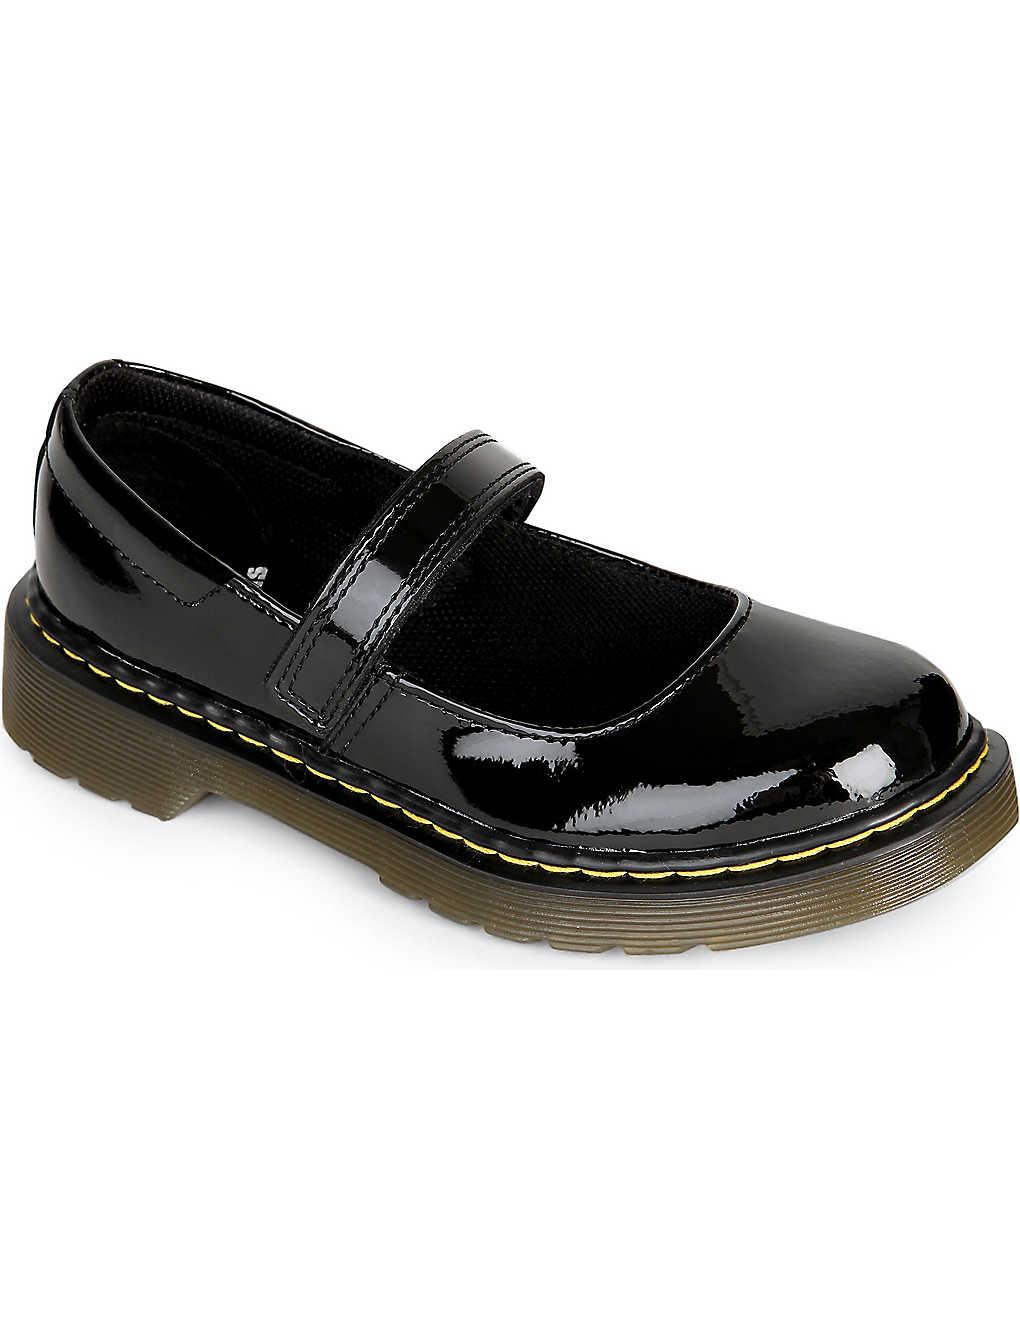 d73ba77f DR MARTENS - Maccy patent leather shoes | Selfridges.com